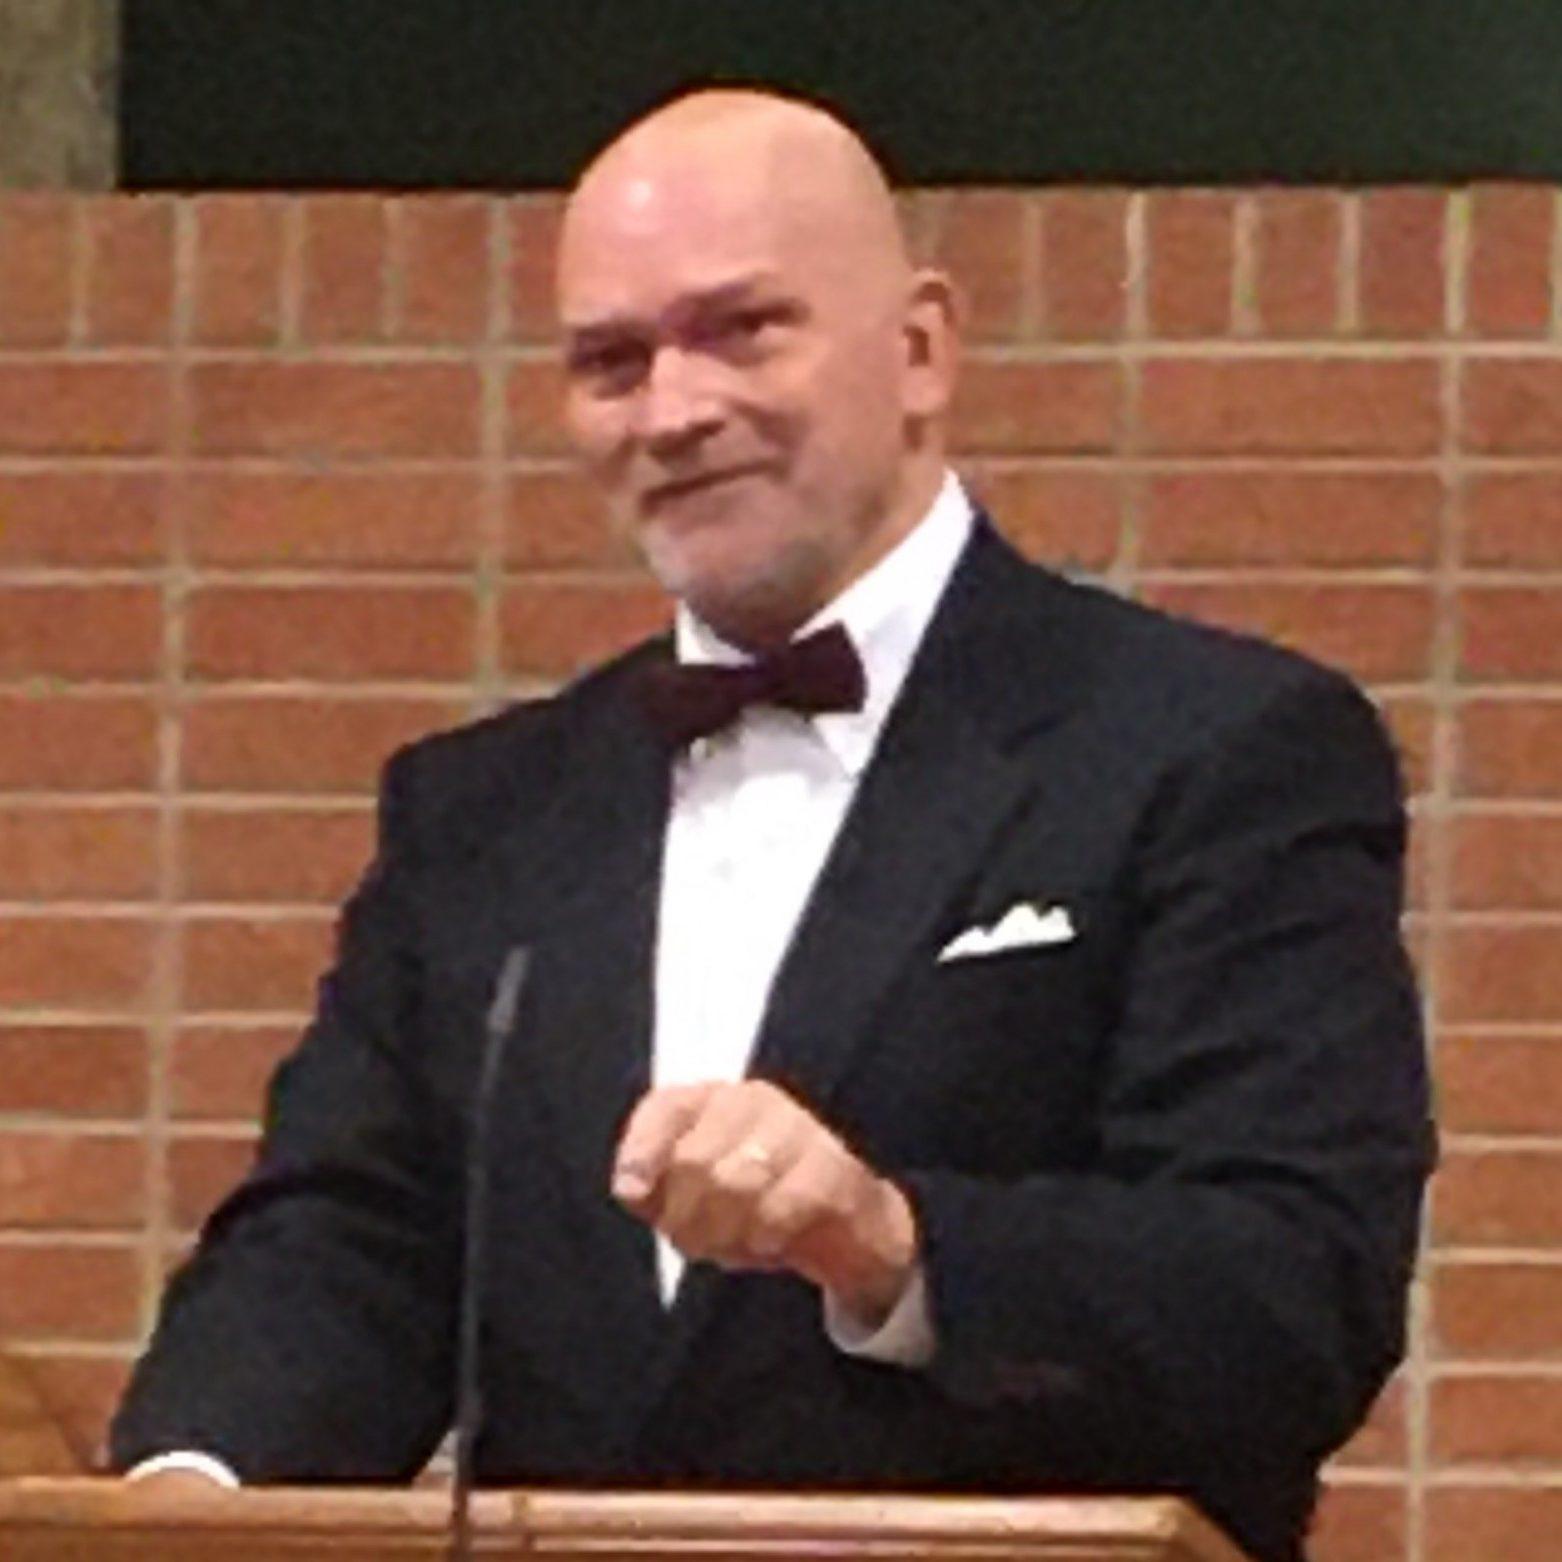 Dalton Preaching